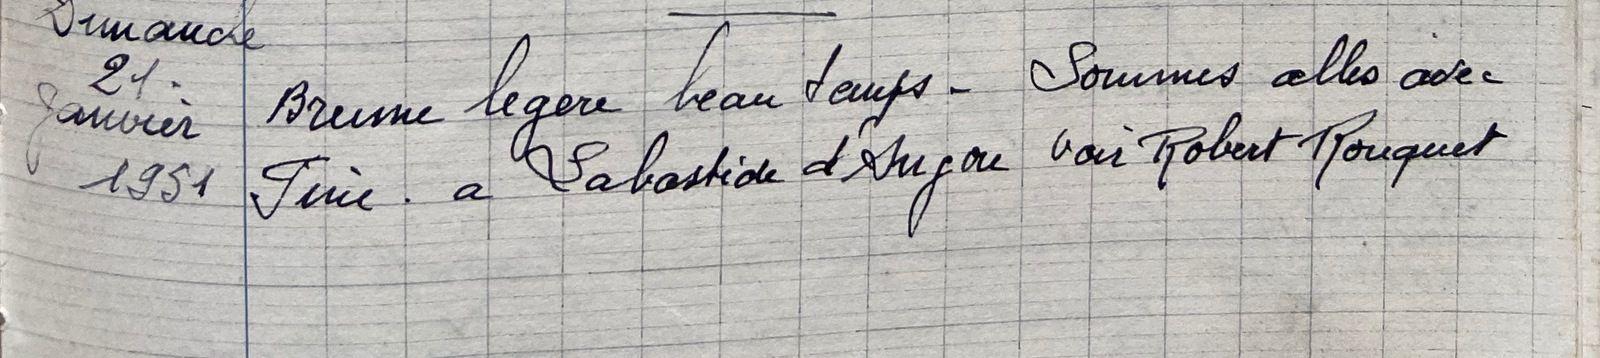 Dimanche 21 janvier 1951 - rendre visite au bébé